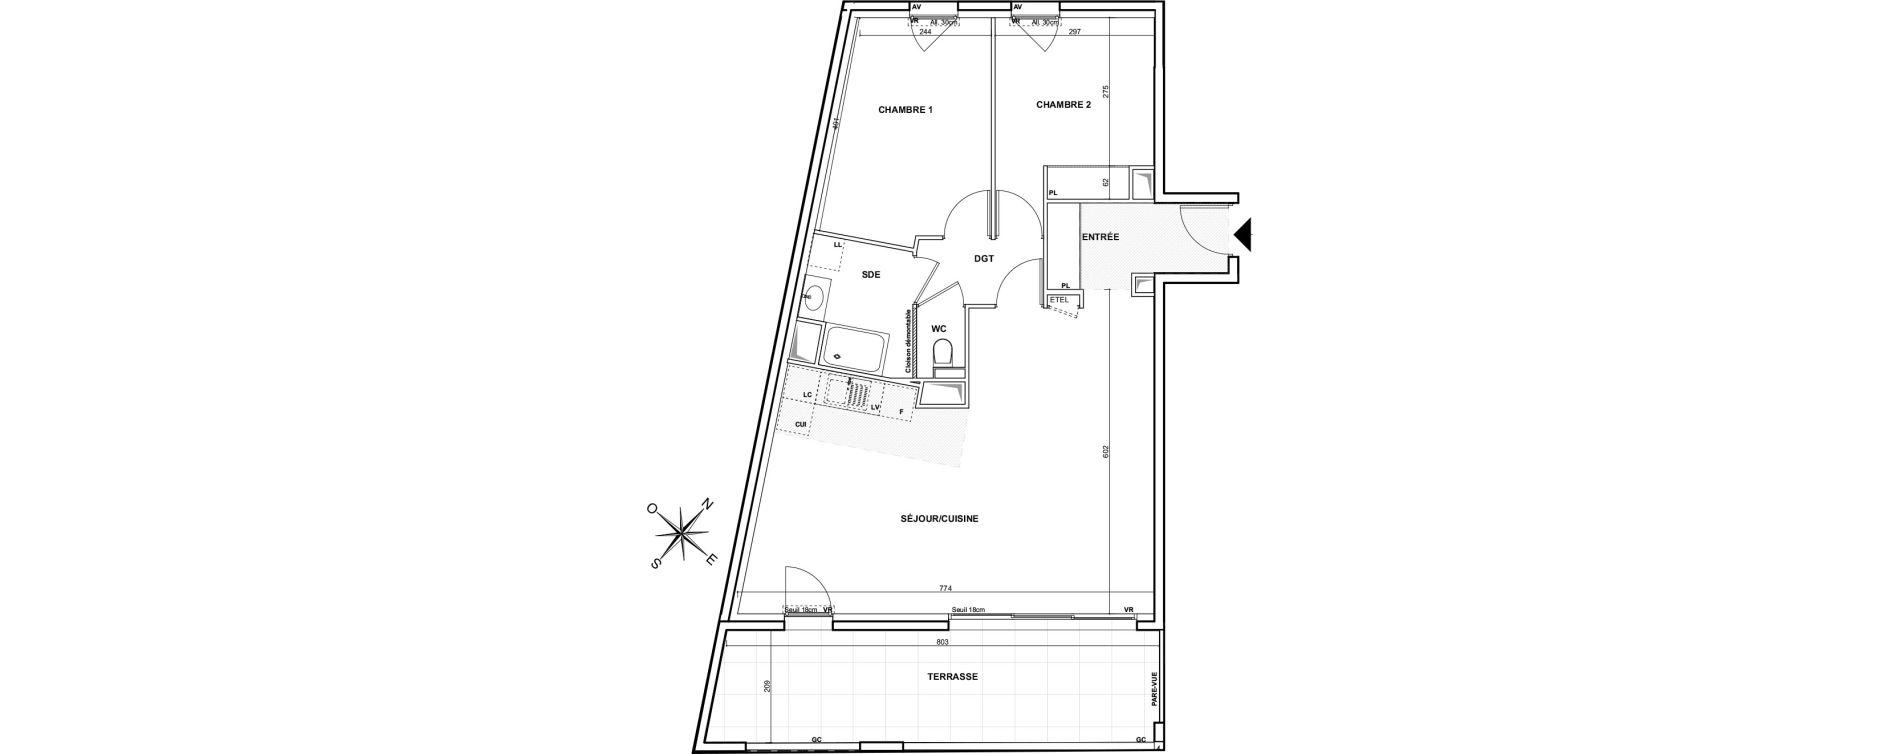 Appartement T3 de 71,79 m2 à Marseille Montredon (8eme)